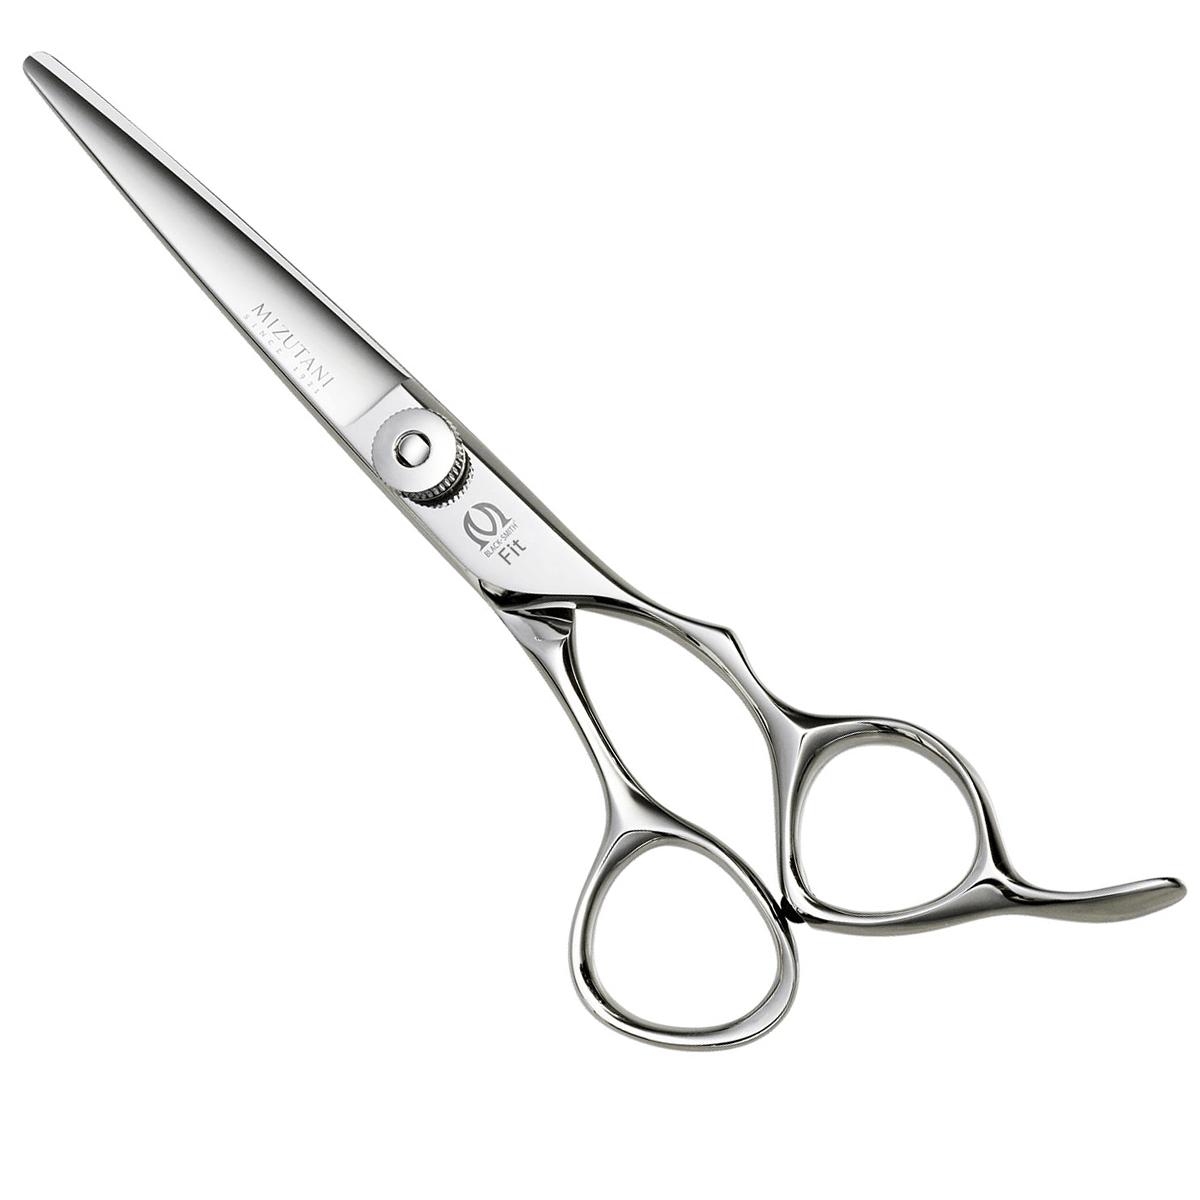 Mizutani Black Smith Fit Scissors